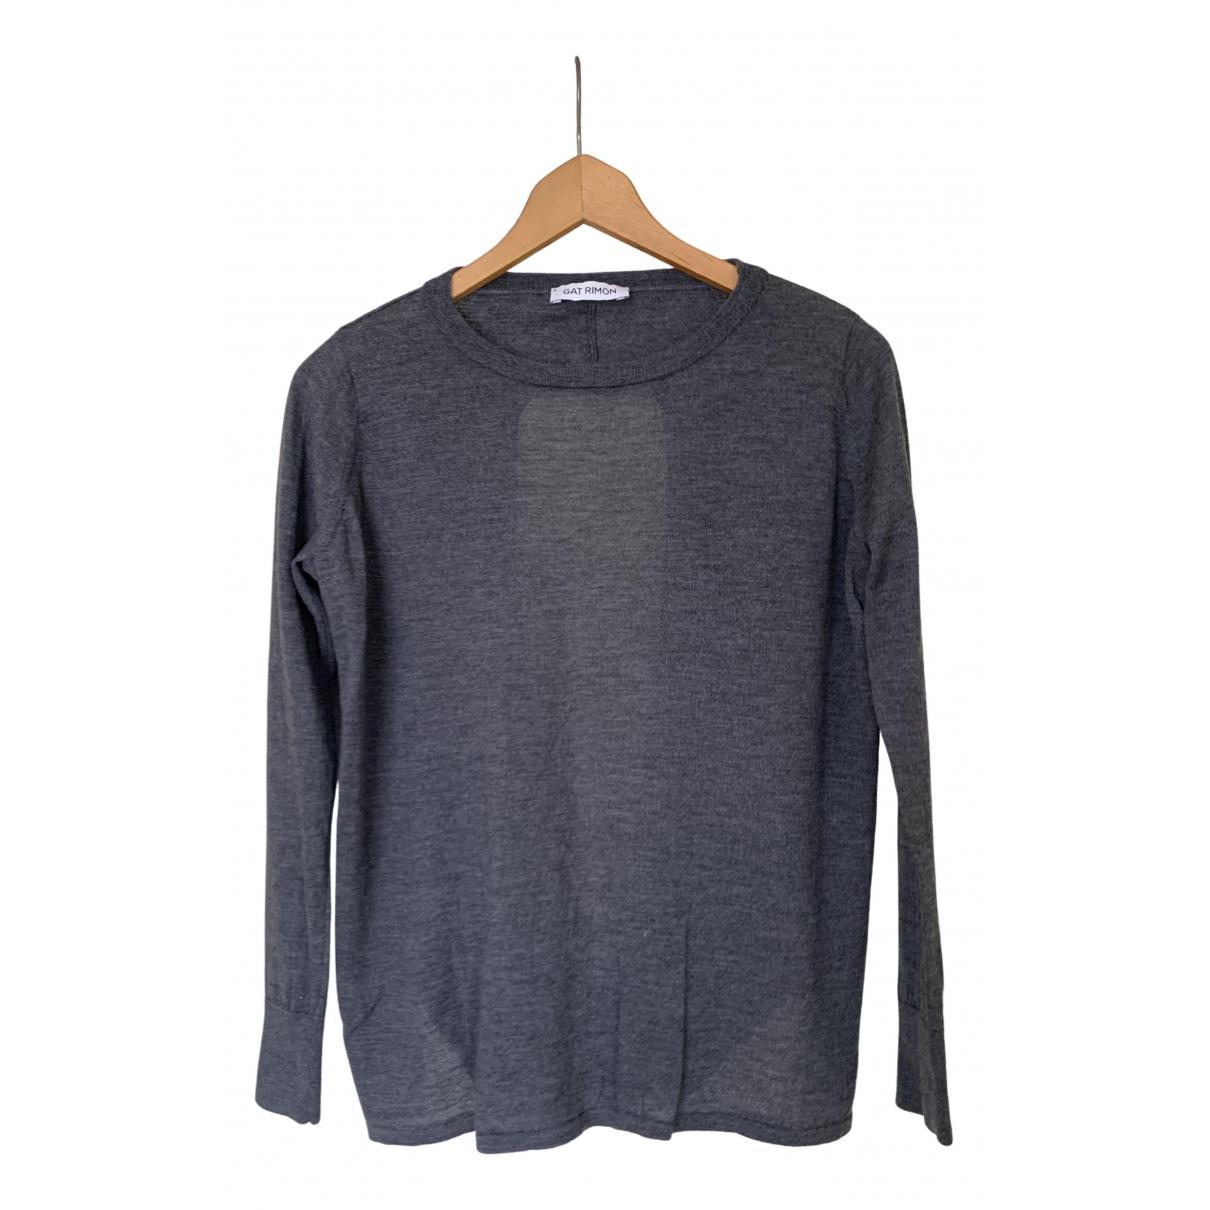 Gat Rimon N Grey Wool Knitwear for Women 1 0-5